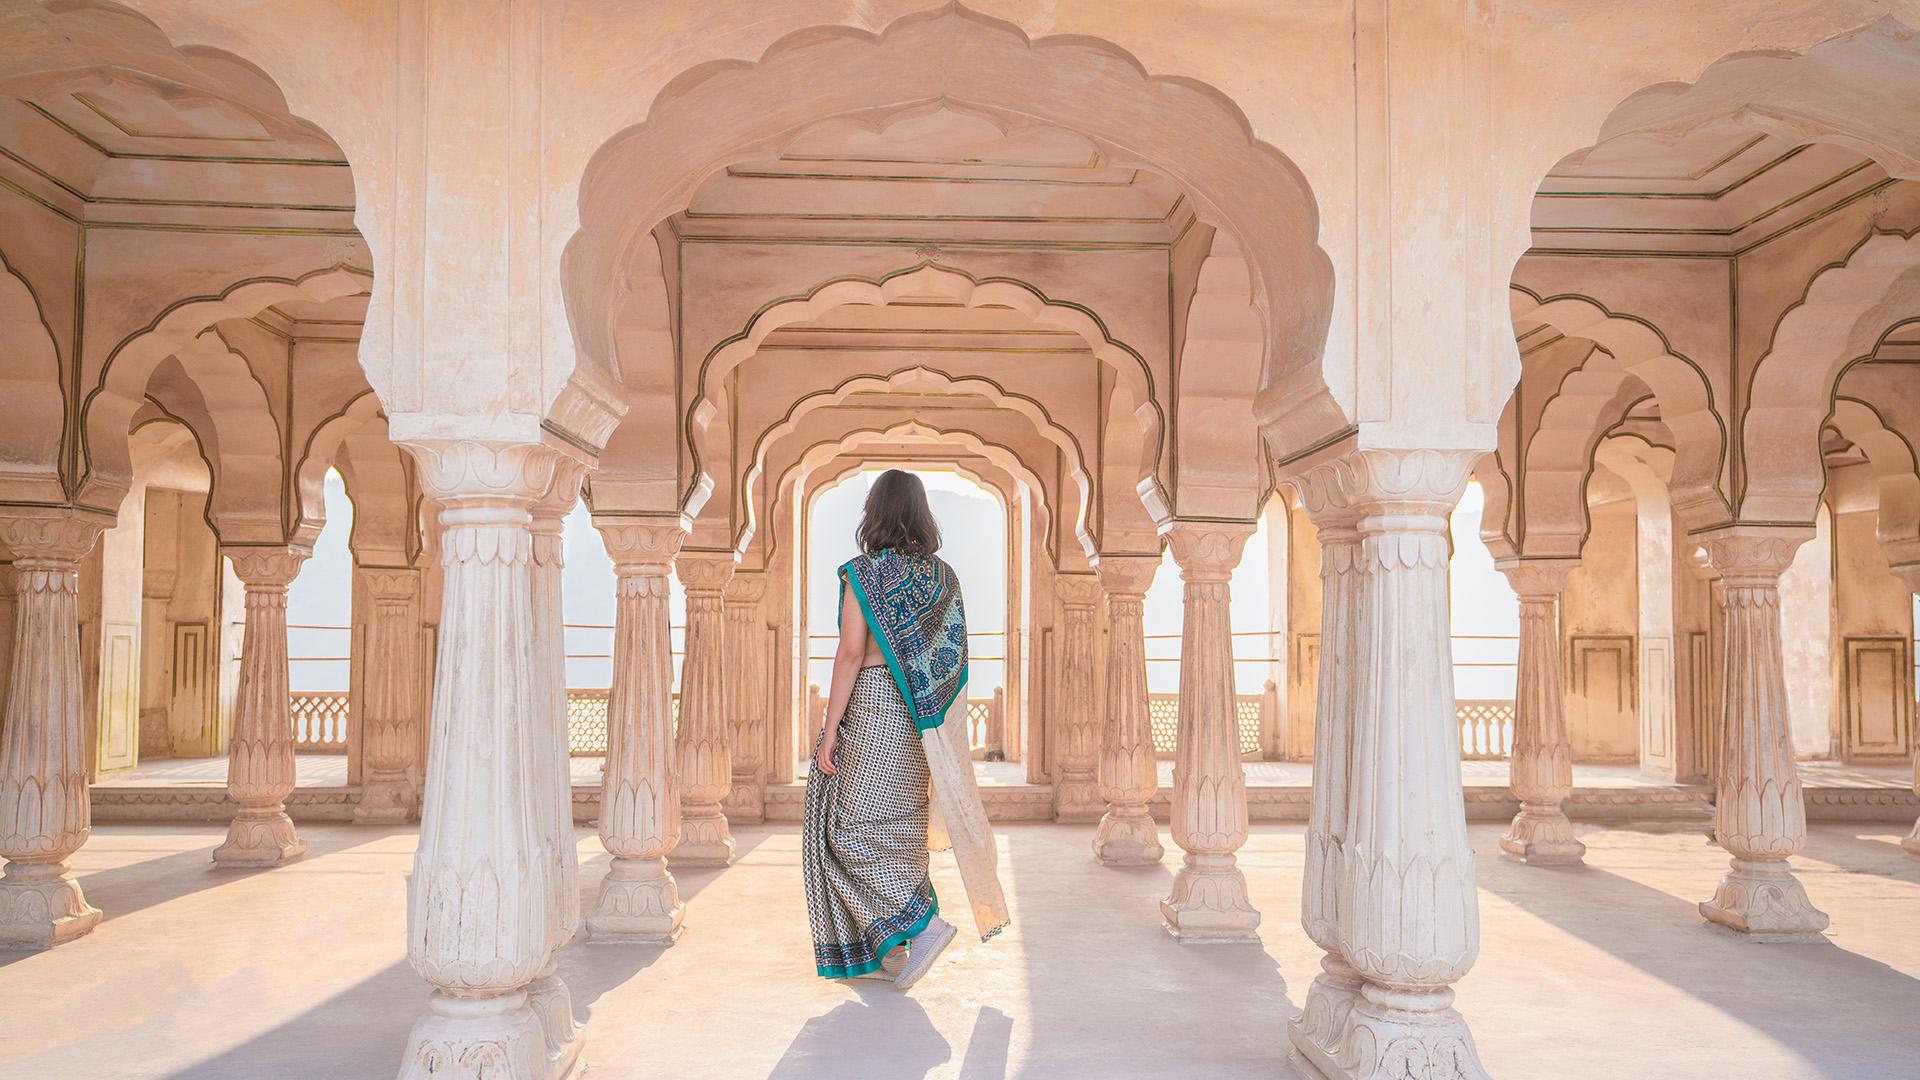 Del 15 de enero al 4 de marzo, la antigua ciudad de Haridwar, en el norte de la India, acogió a Ardh Kumbh Mela, el festival espiritual más grande del mundo, reconocido por la UNESCO, donde los devotos hindúes vienen a lavar sus pecados en el agua bendita del río. Con los festivales de Kumbh Mela en rotación entre cuatro ciudades en el transcurso de 12 años, 2019 comenzó con fuerza para viajes de lujo a la India